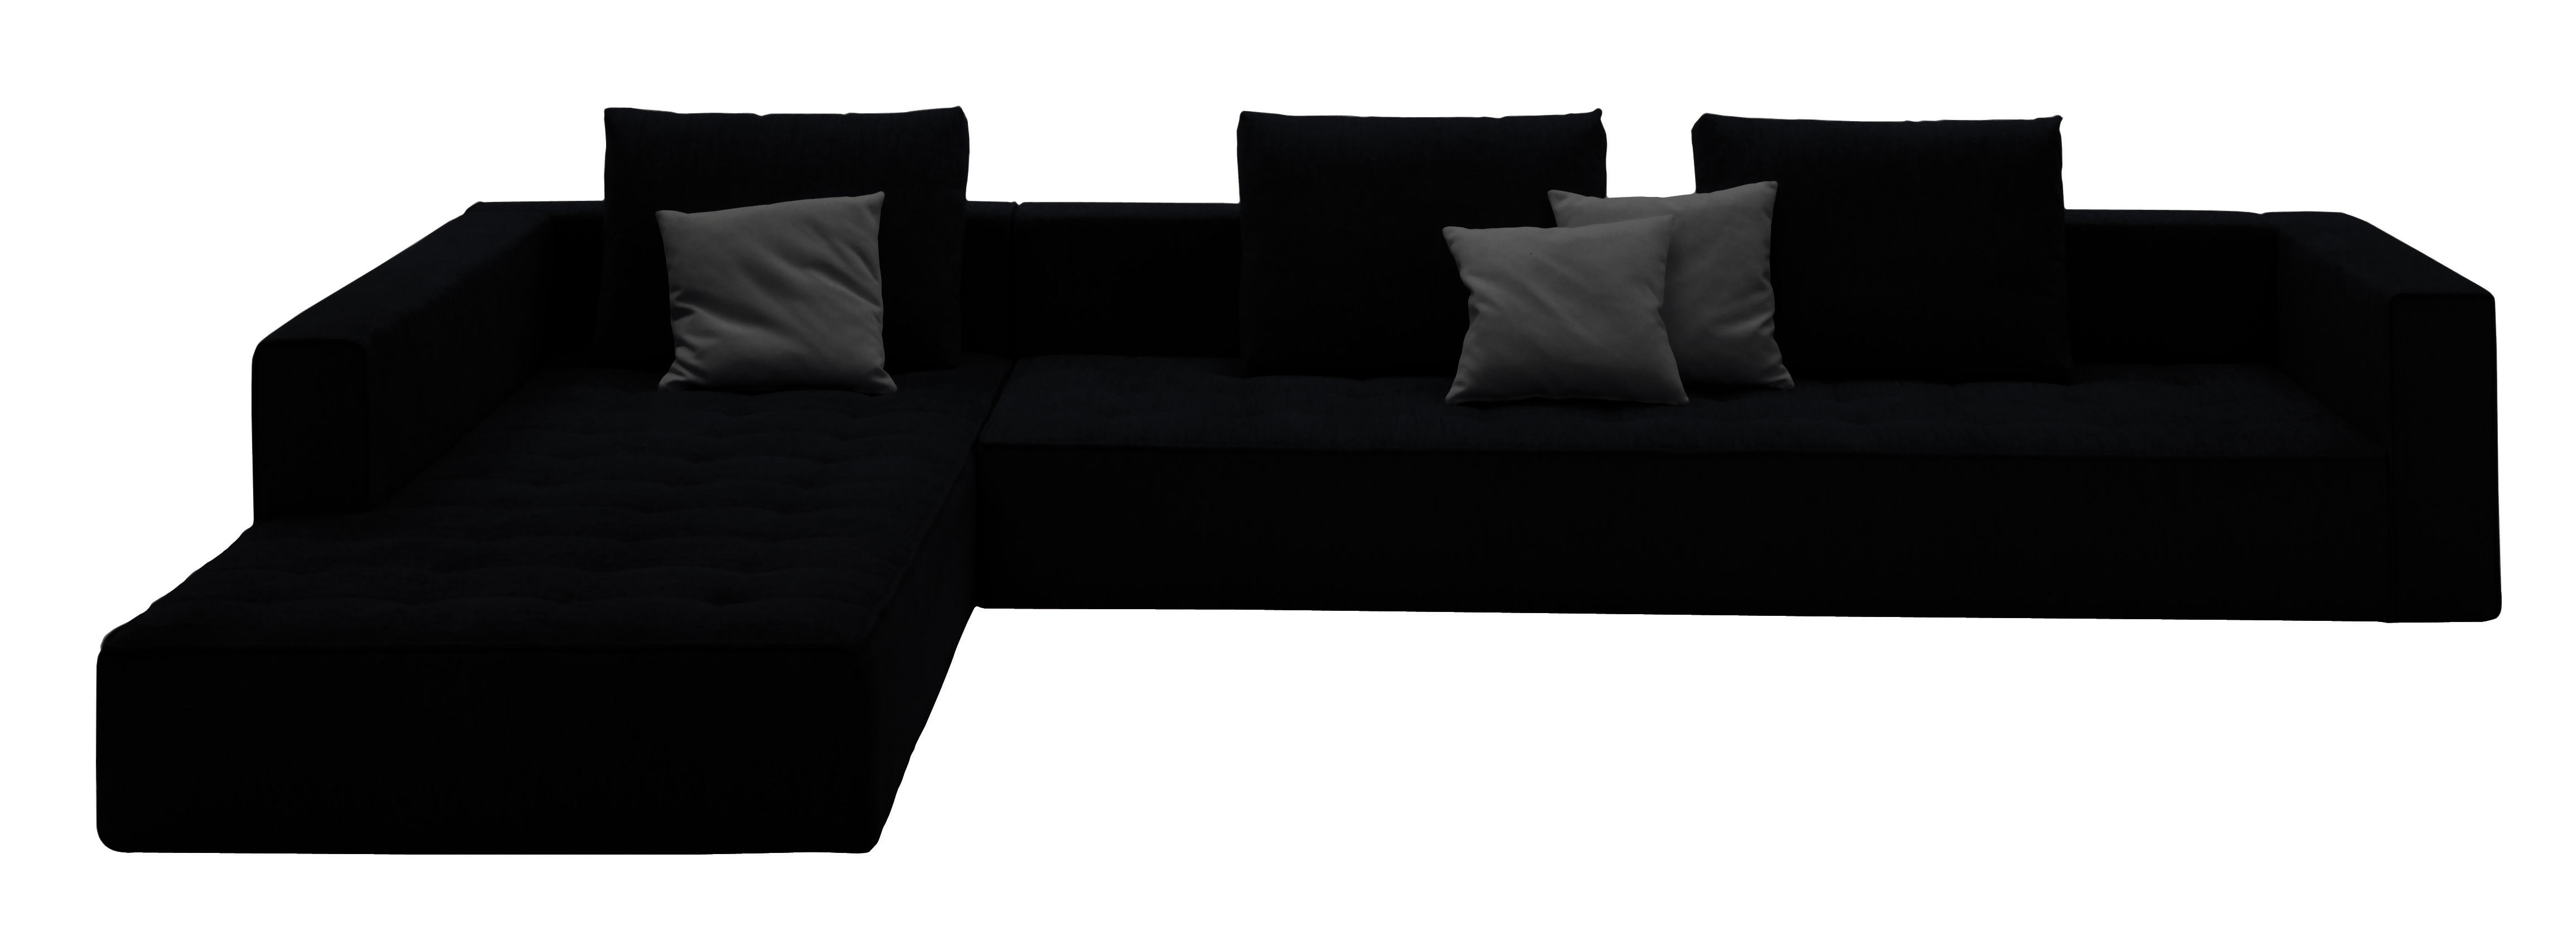 Mobilier - Canapés - Canapé d'angle Kilt / cuir - L 300 cm - Zanotta - Cuir - Noir - Cuir